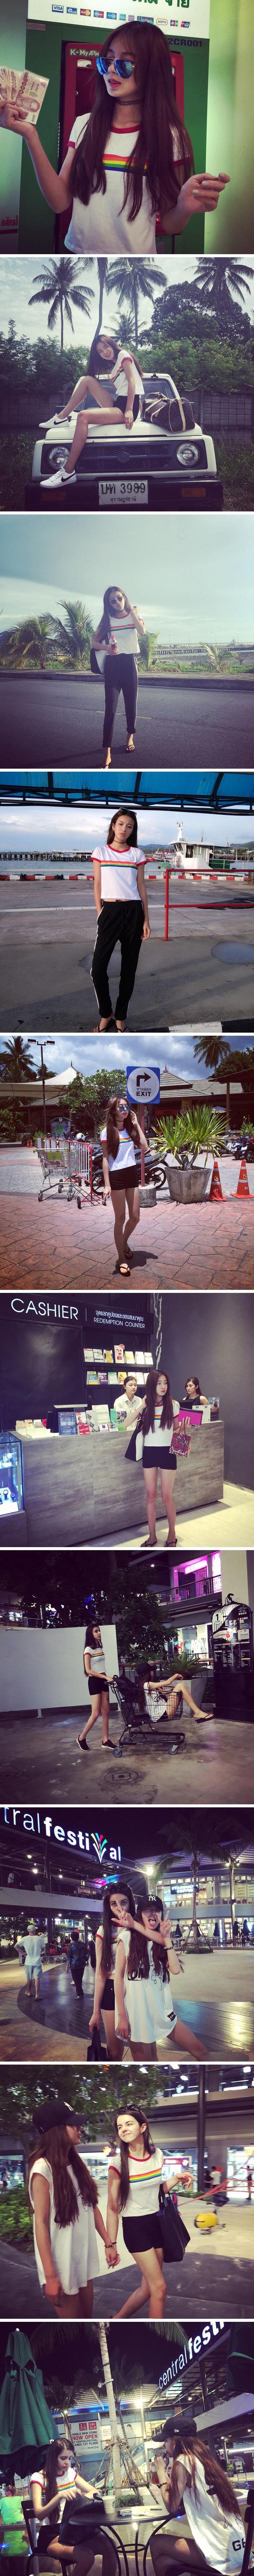 2015 versión coreana ulzzang mujeres japonesas de arco iris salvaje impresión delgado cuello redondo manga corta camiseta para mujer en Camisetas de Moda y Complementos Mujer en AliExpress.com | Alibaba Group